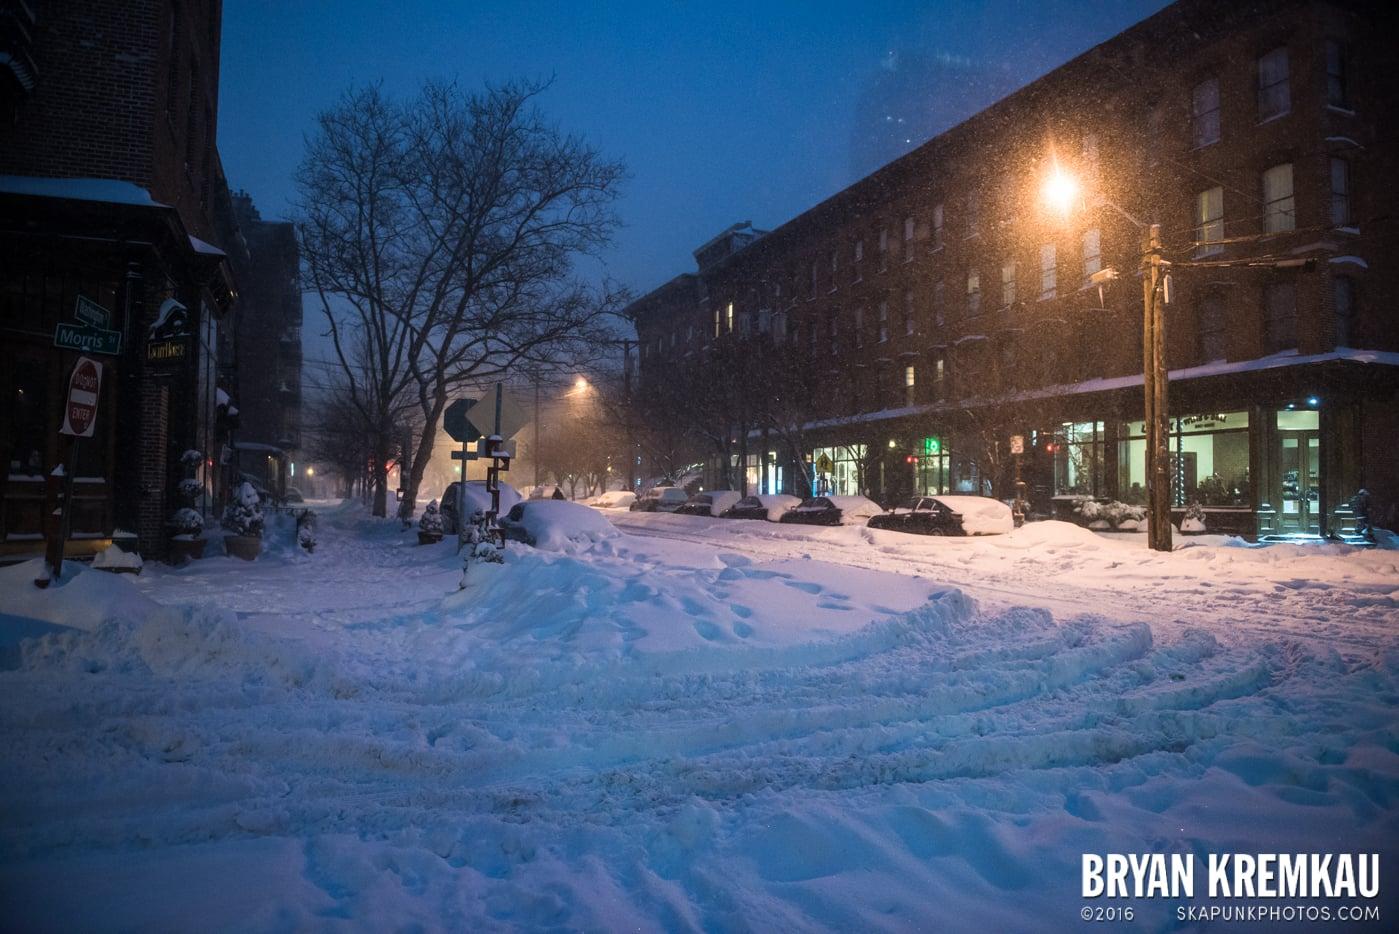 Blizzard 2016 in Jersey City, NJ - 1.23.16 (20)